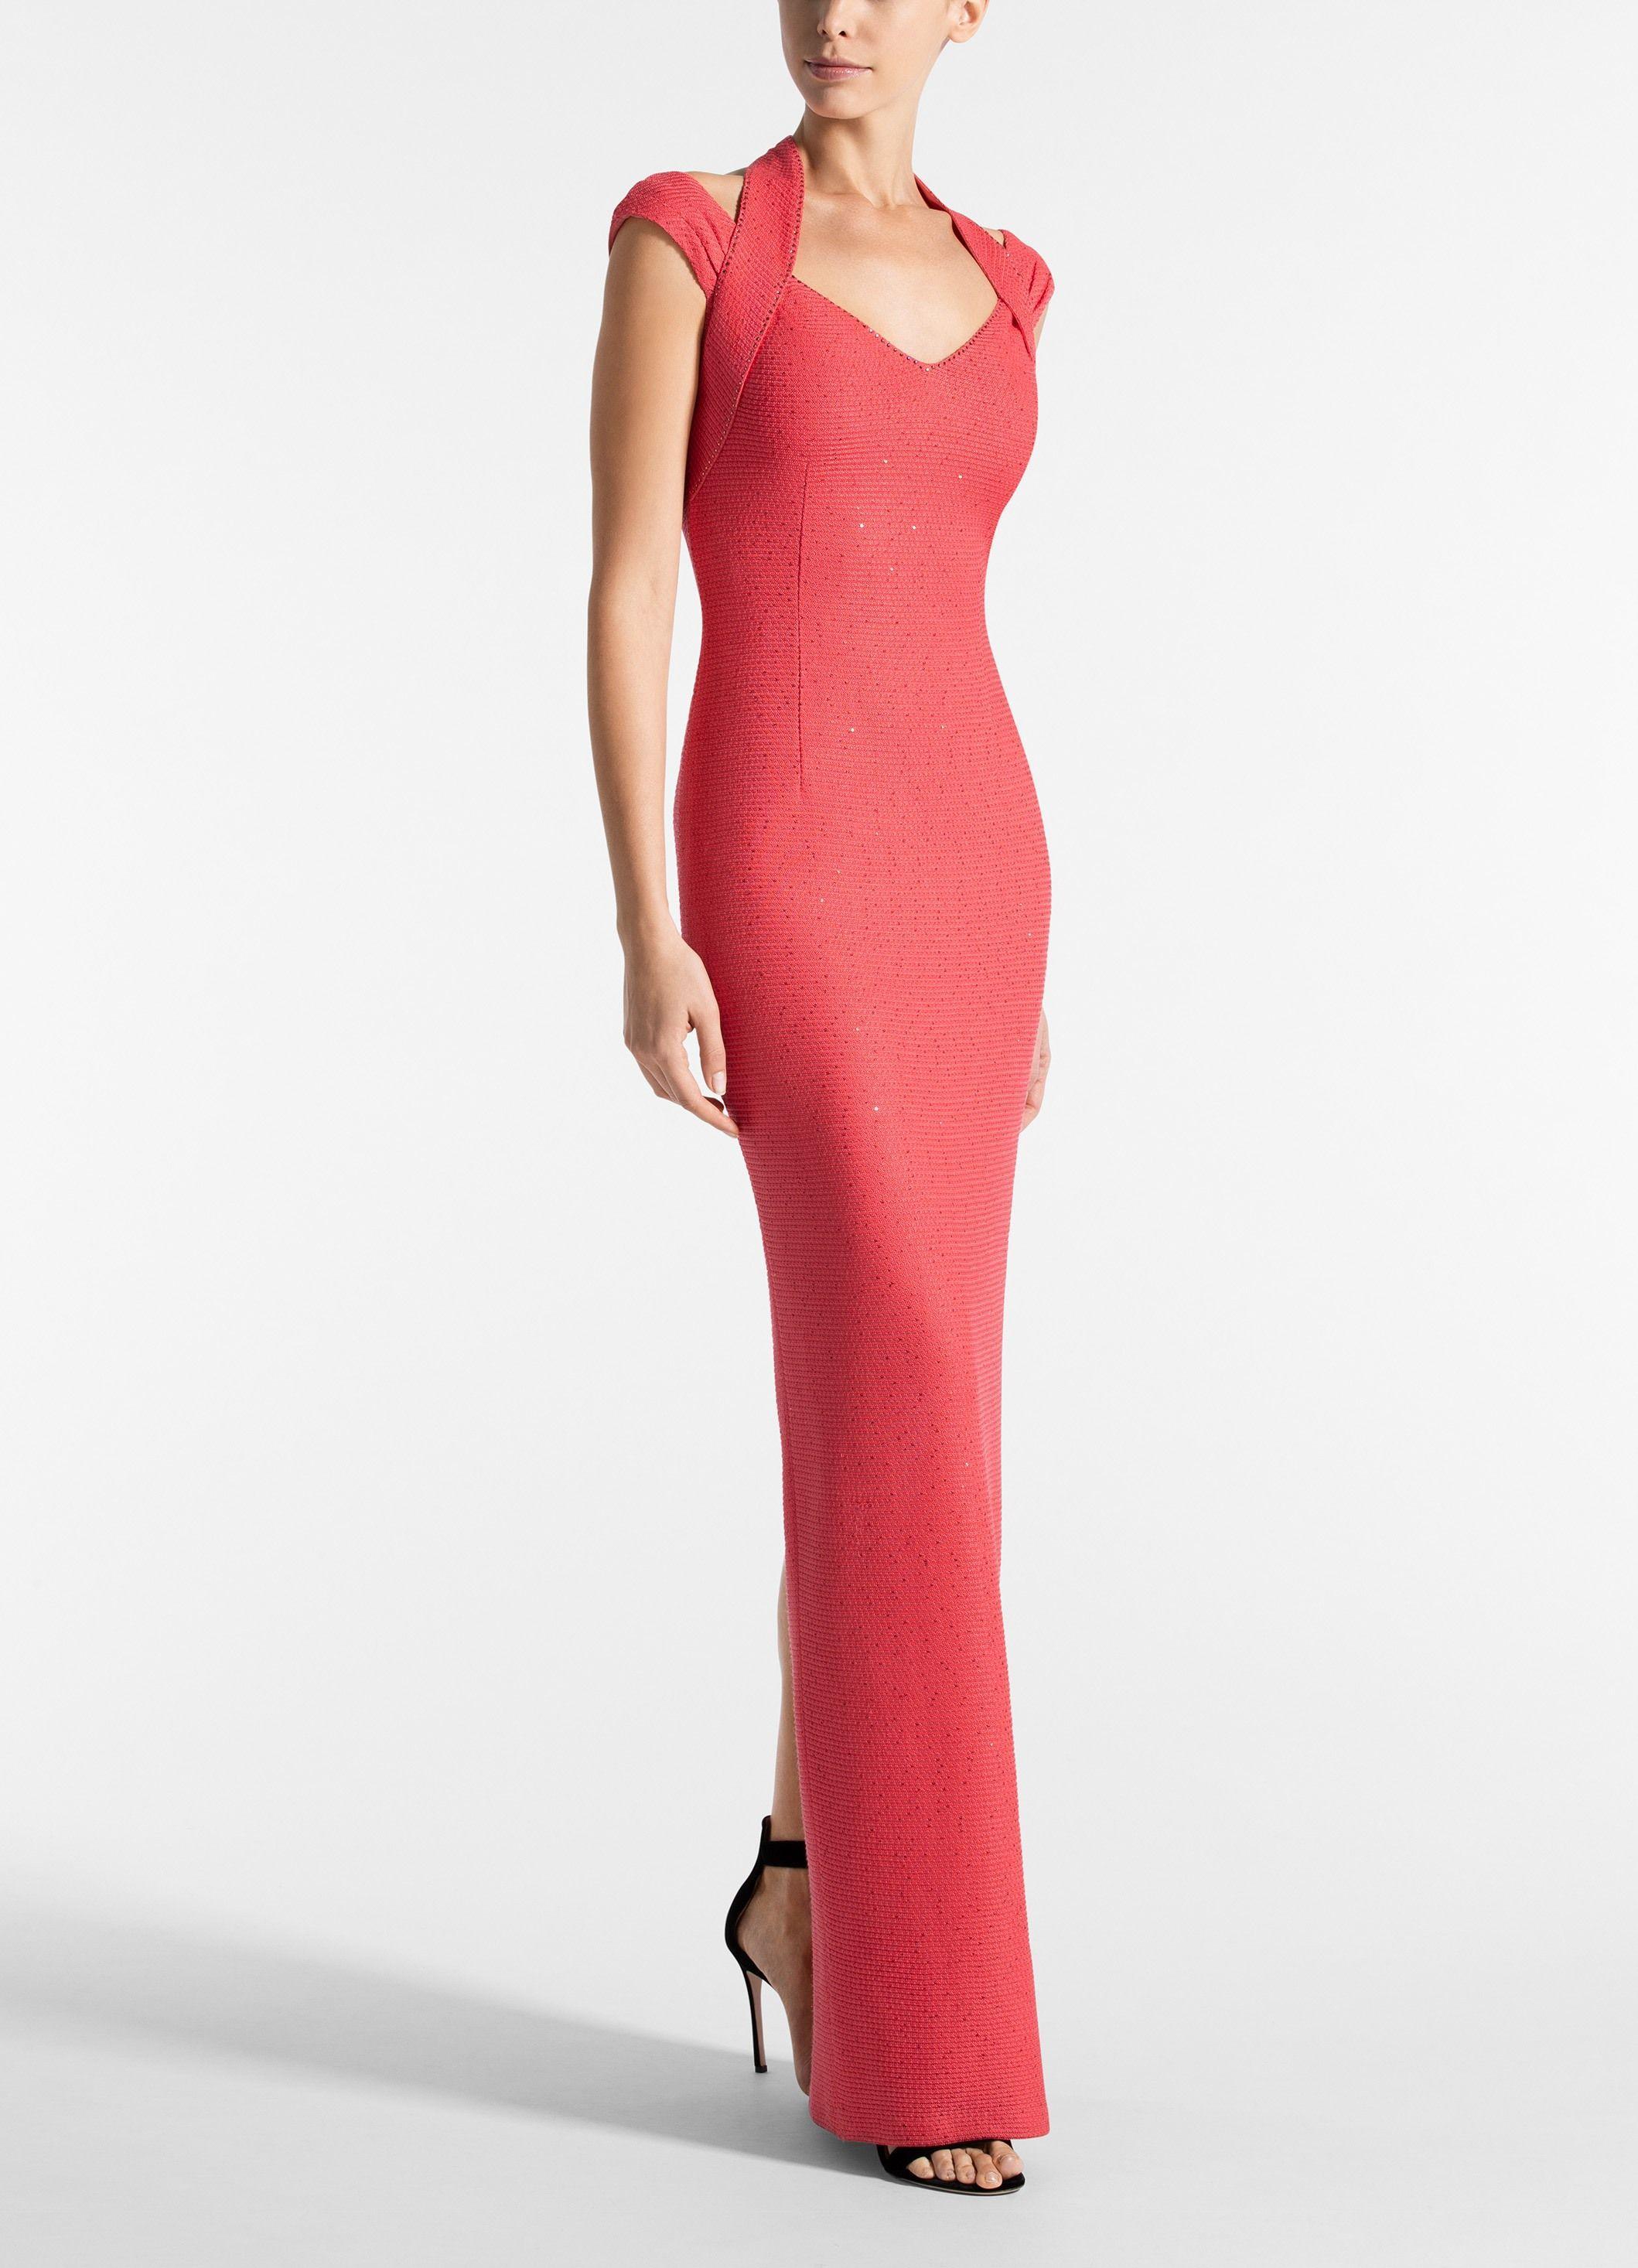 528af9699ef7 St. John - Red Links Sequin Knit V-neck Halter Drape Gown - Lyst. View  fullscreen